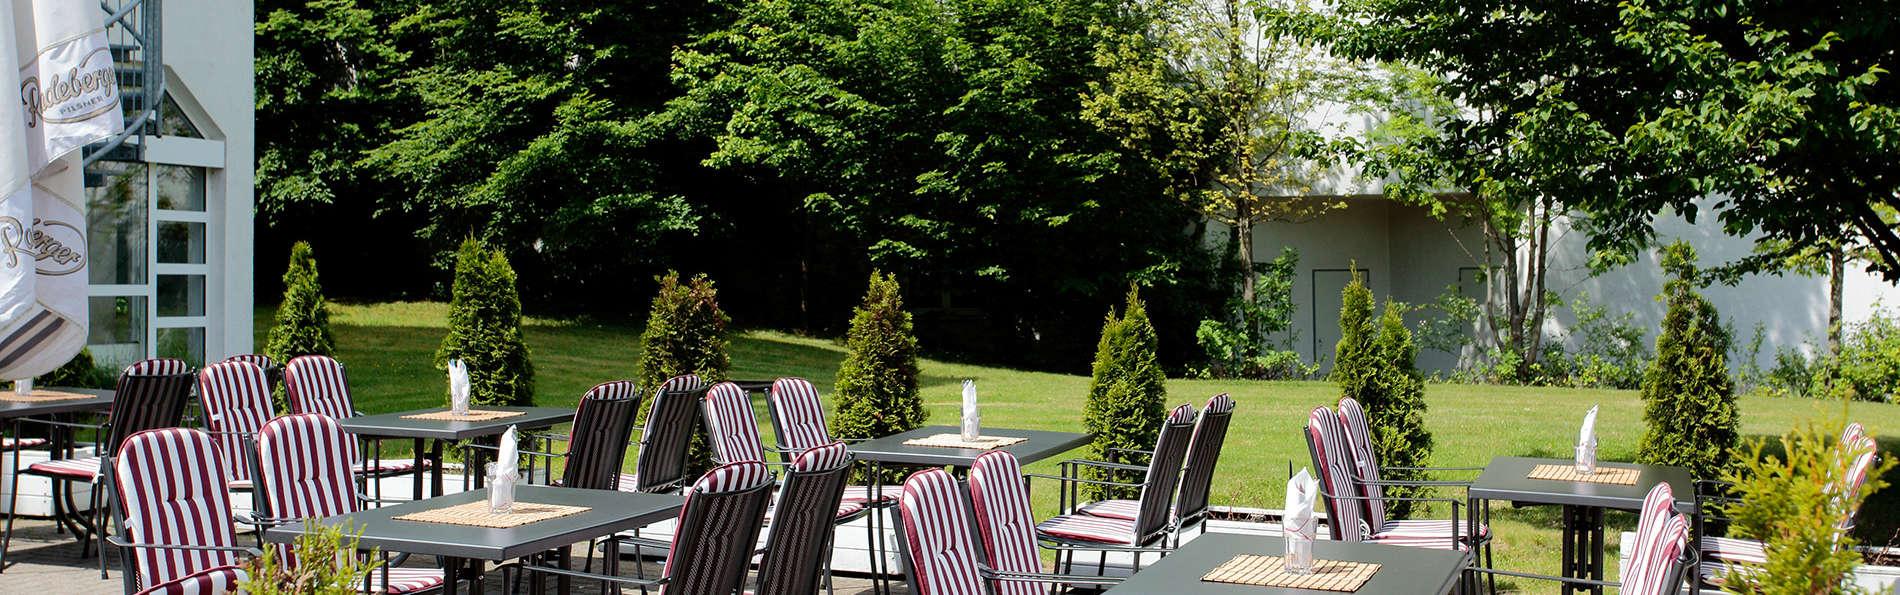 H+ Hotel Wiesbaden-Niedernhausen - EDIT_terrasse_2_ramada_hotel_micador_wiesbaden_niedernhausen-0.jpg